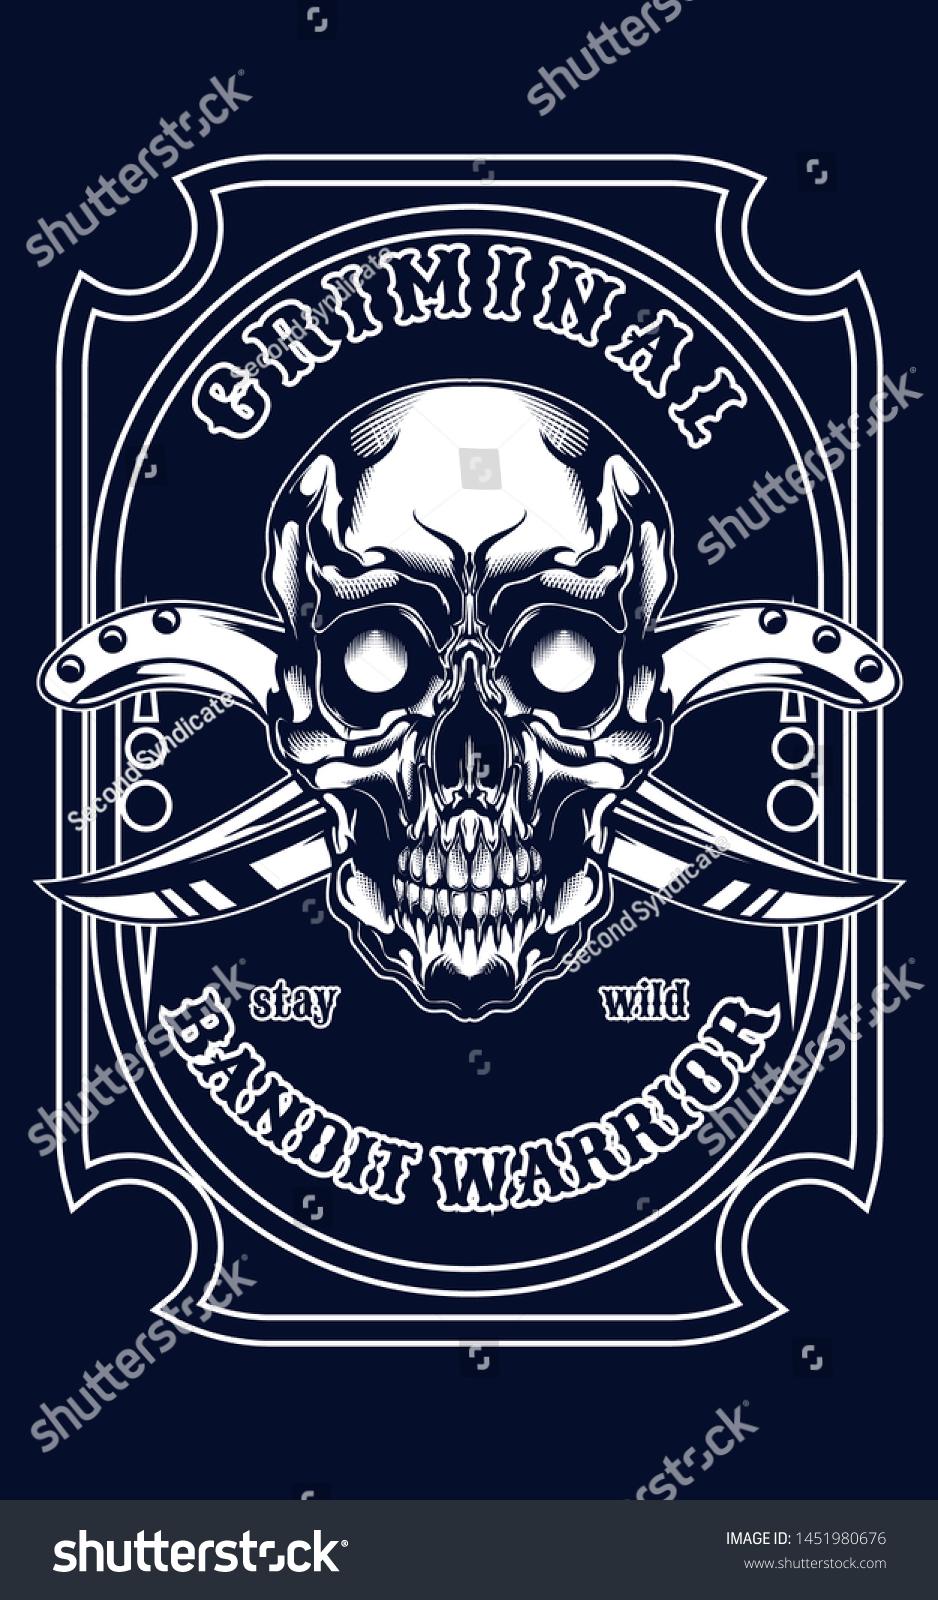 Mafia Skull Logo Illustration Tshirt Design Stock Vector